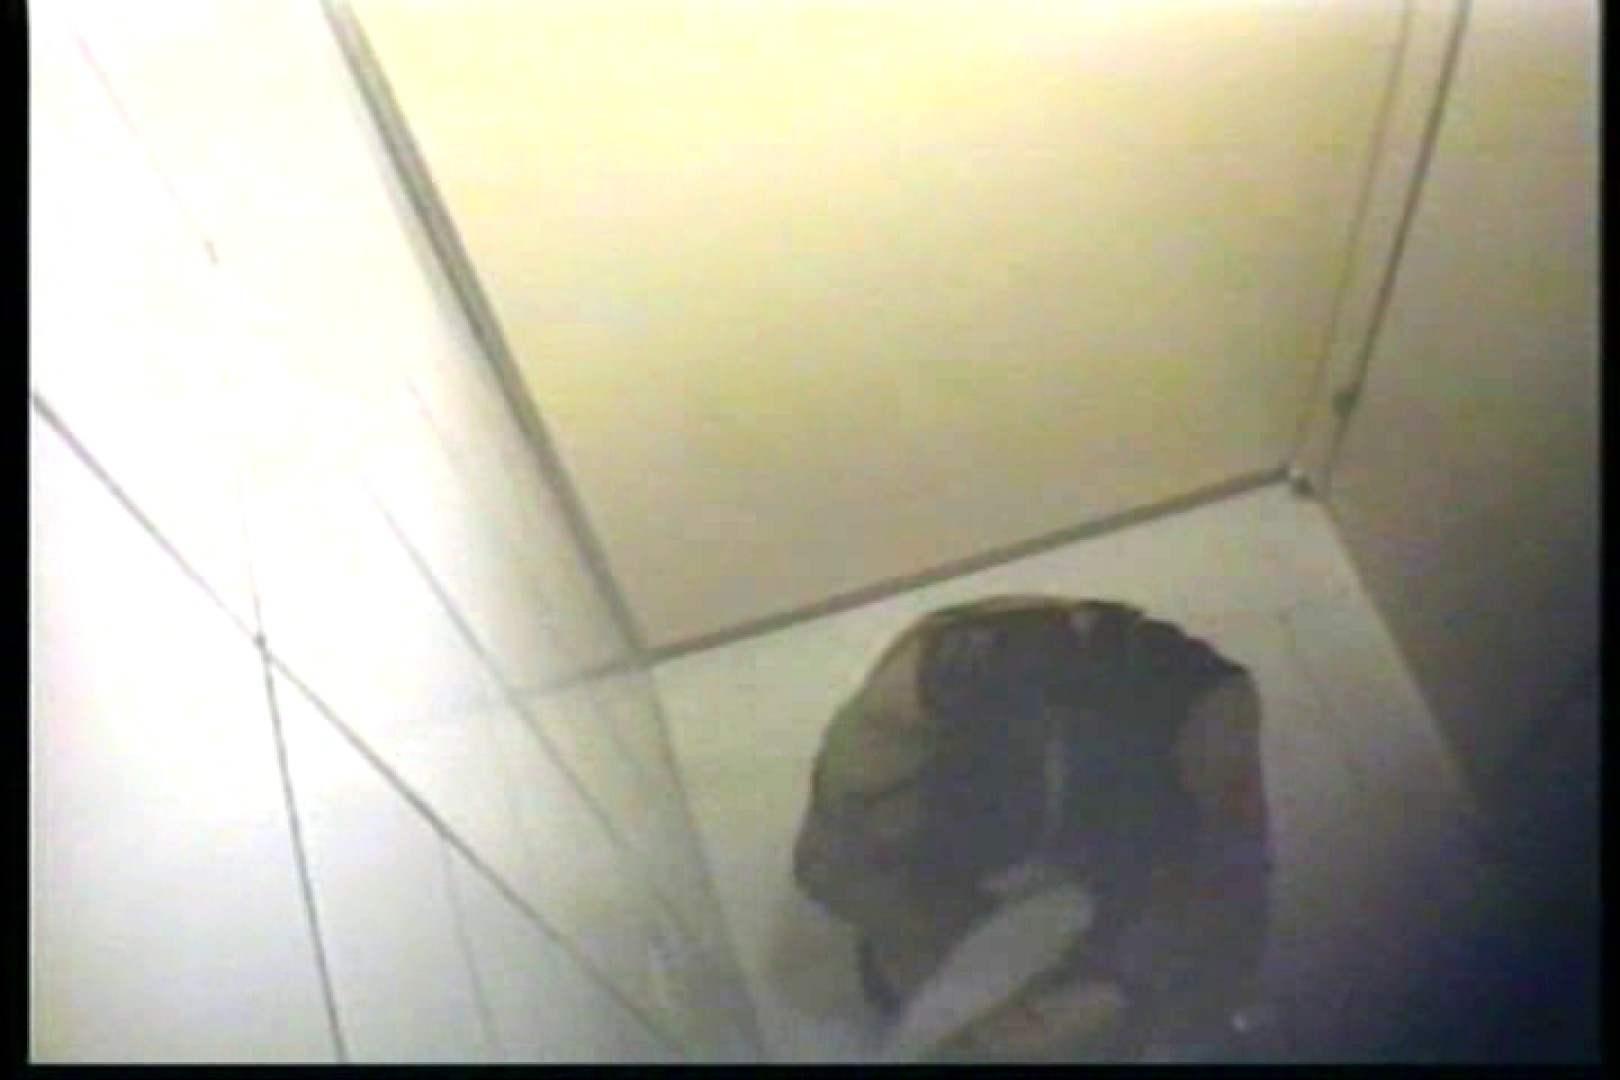 様式 和式 ところかまわず、厠覗き! 厠隠し撮り ワレメ無修正動画無料 74pic 13